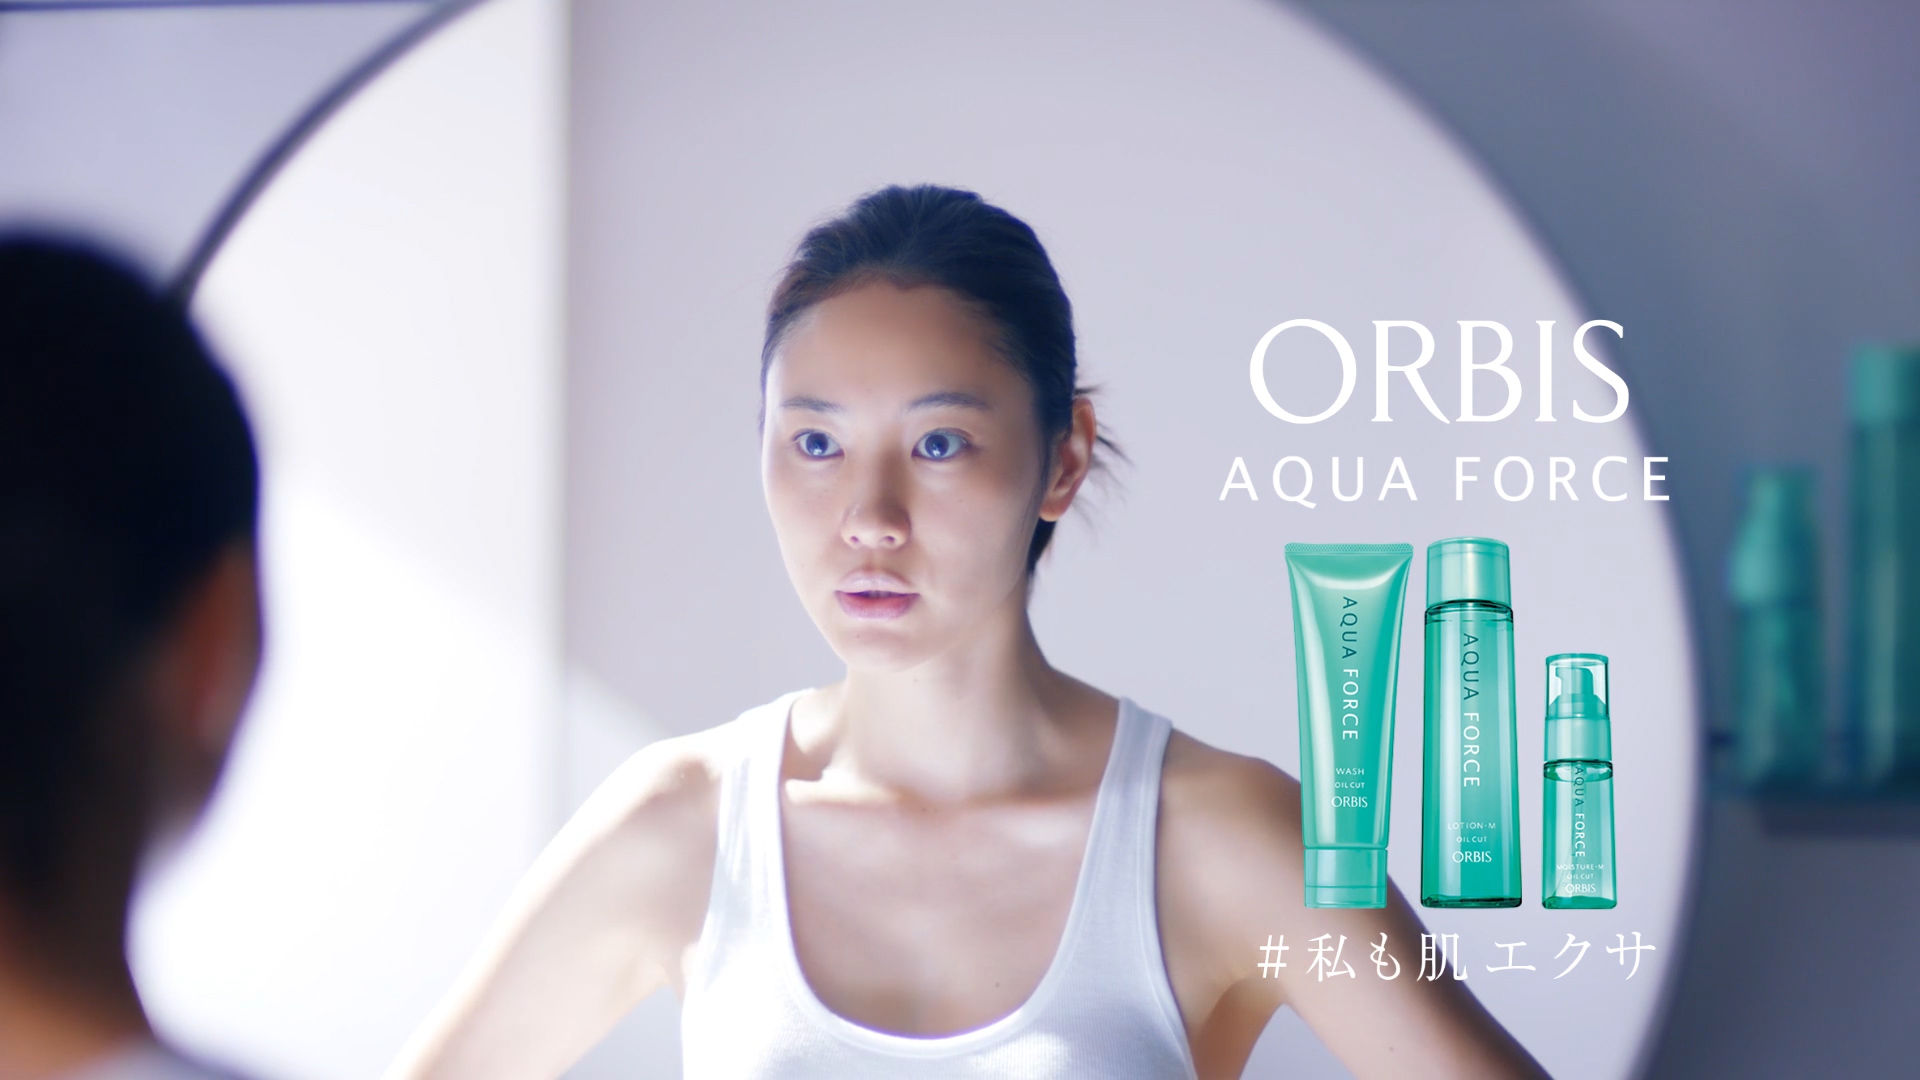 オルビス アクアフォース  バンパー広告「肌エクサ」篇.mp4